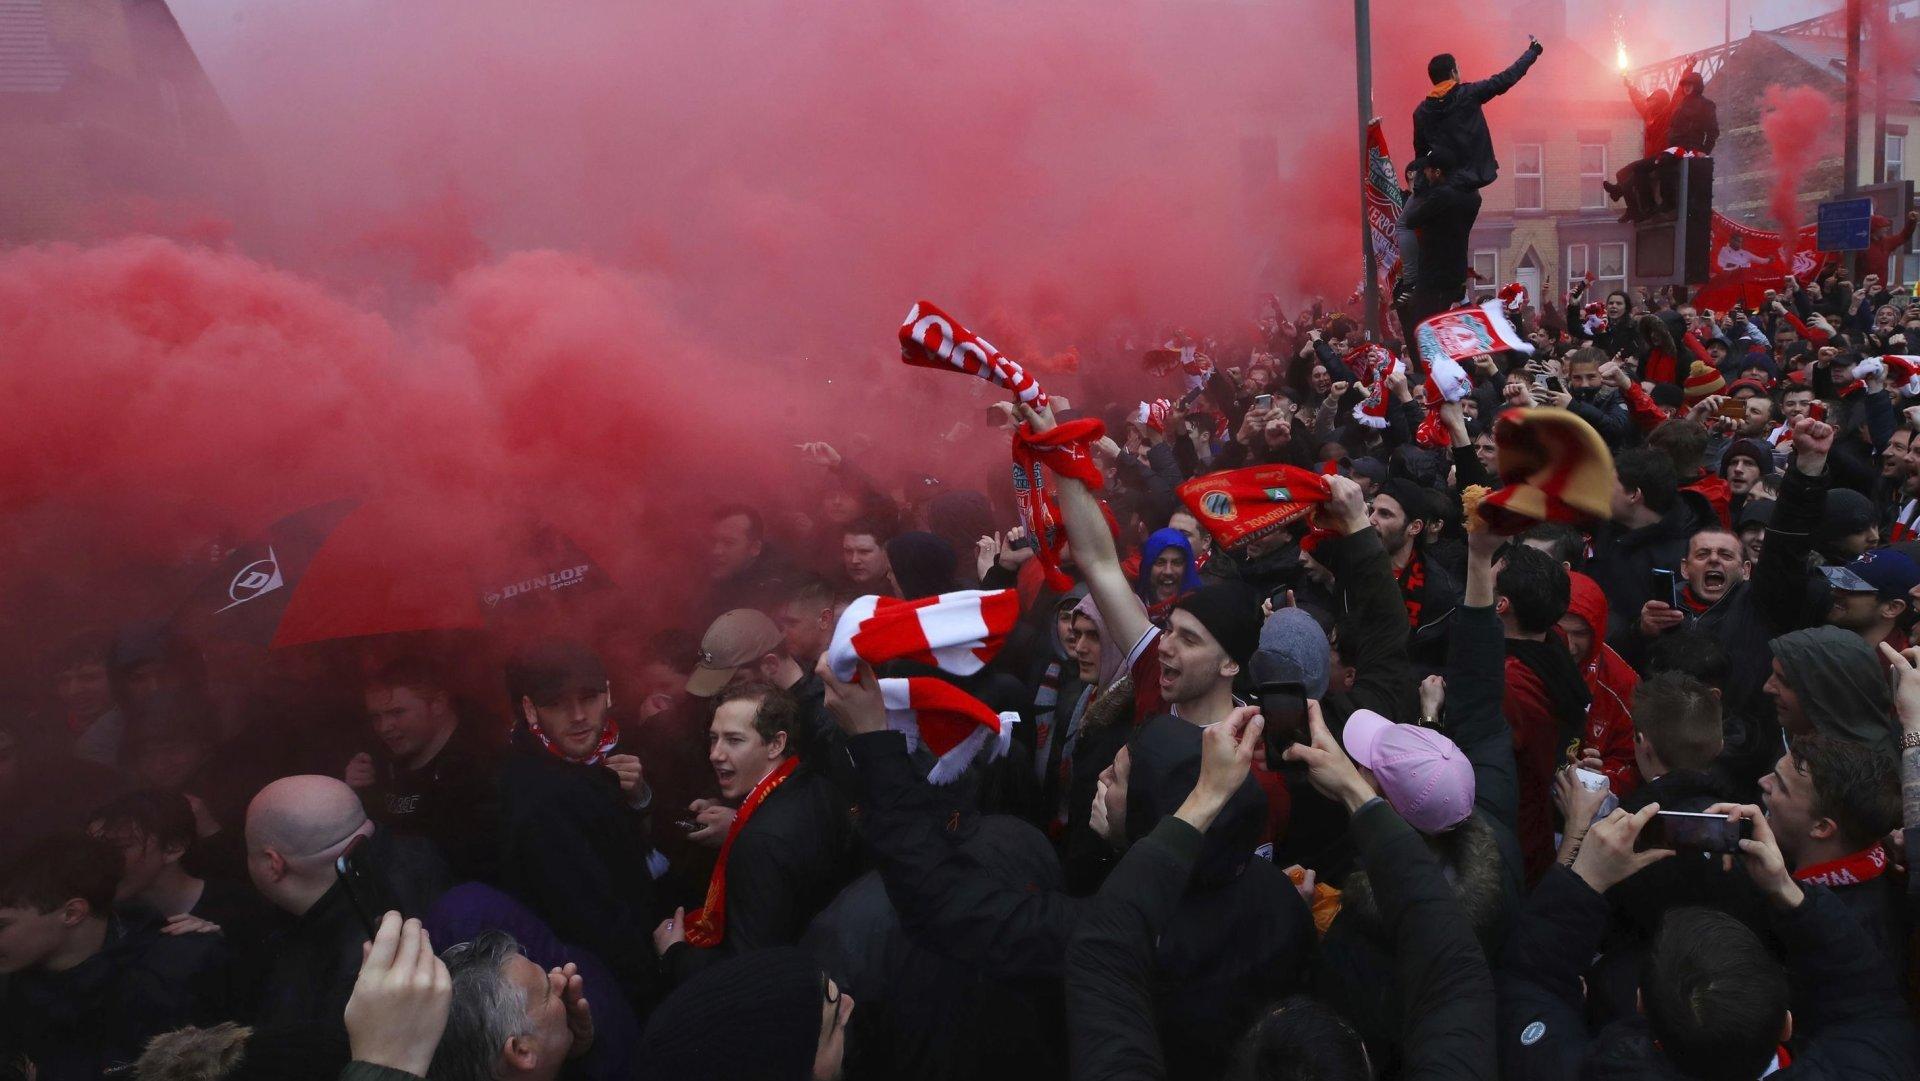 Les fans du FC Liverppol allument des fumigènes avant la demi-finale de la Ligue des champions entre l'AS Roma et leur club en 2018.